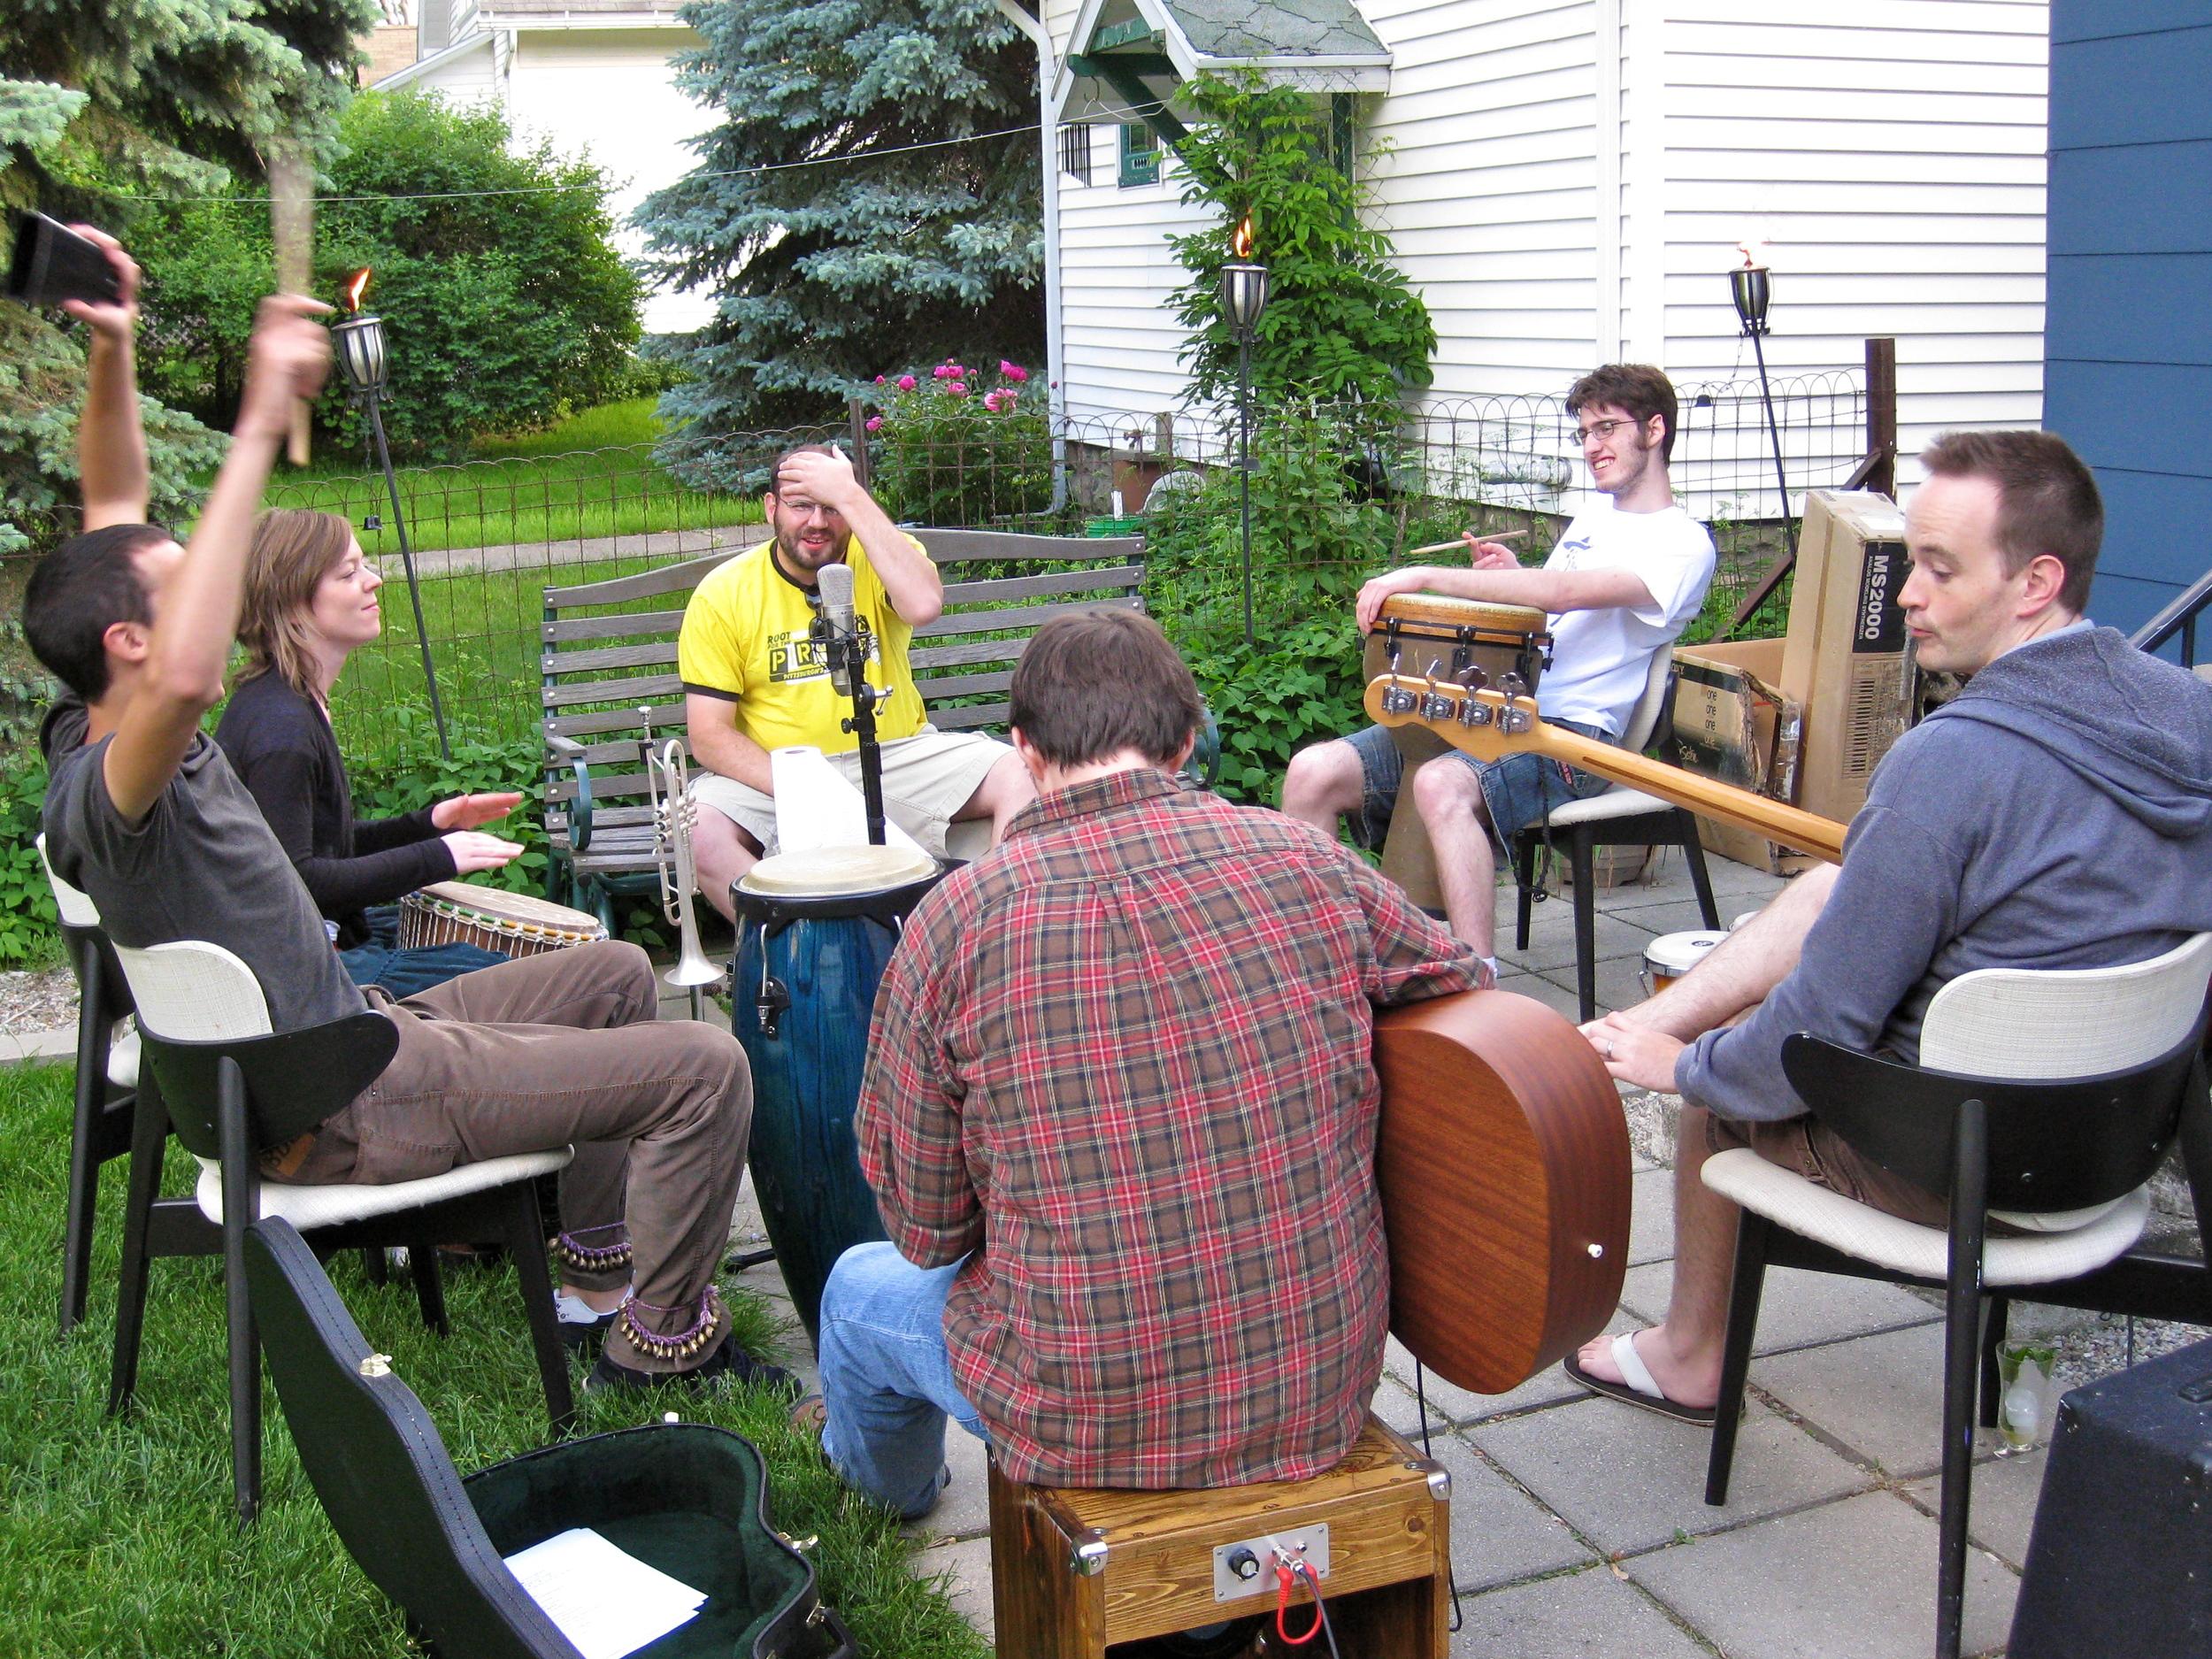 Backyard rehearsal